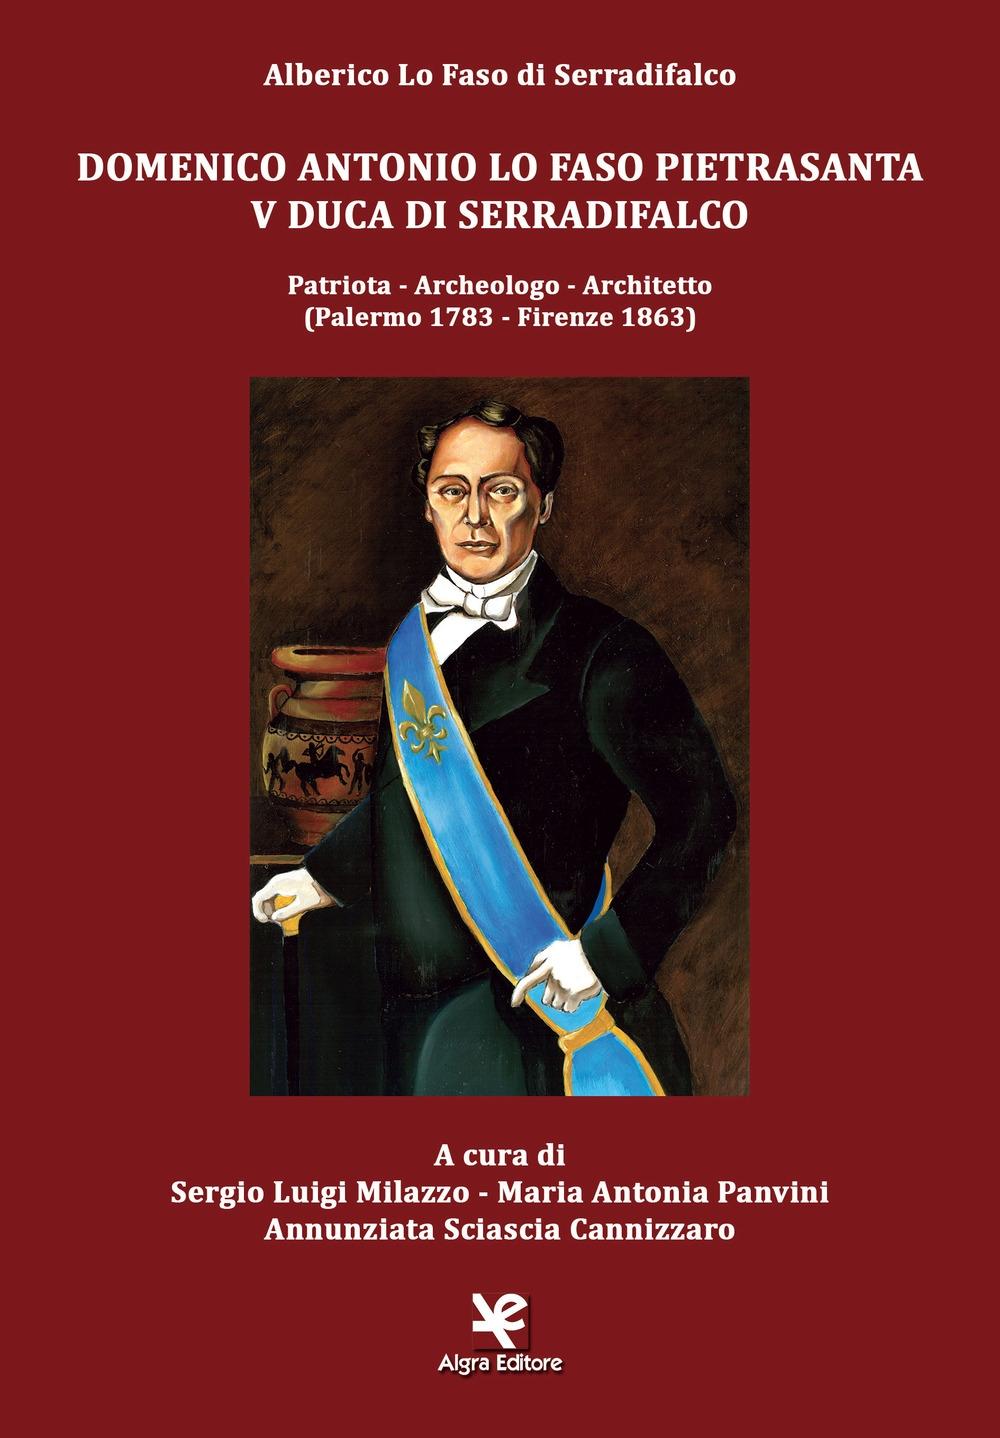 Domenico Antonio Lo Faso Pietrasanta V Duca di Serradifalco. Patriota, archeologo, architetto (Palermo 1783-Firenze 1863)